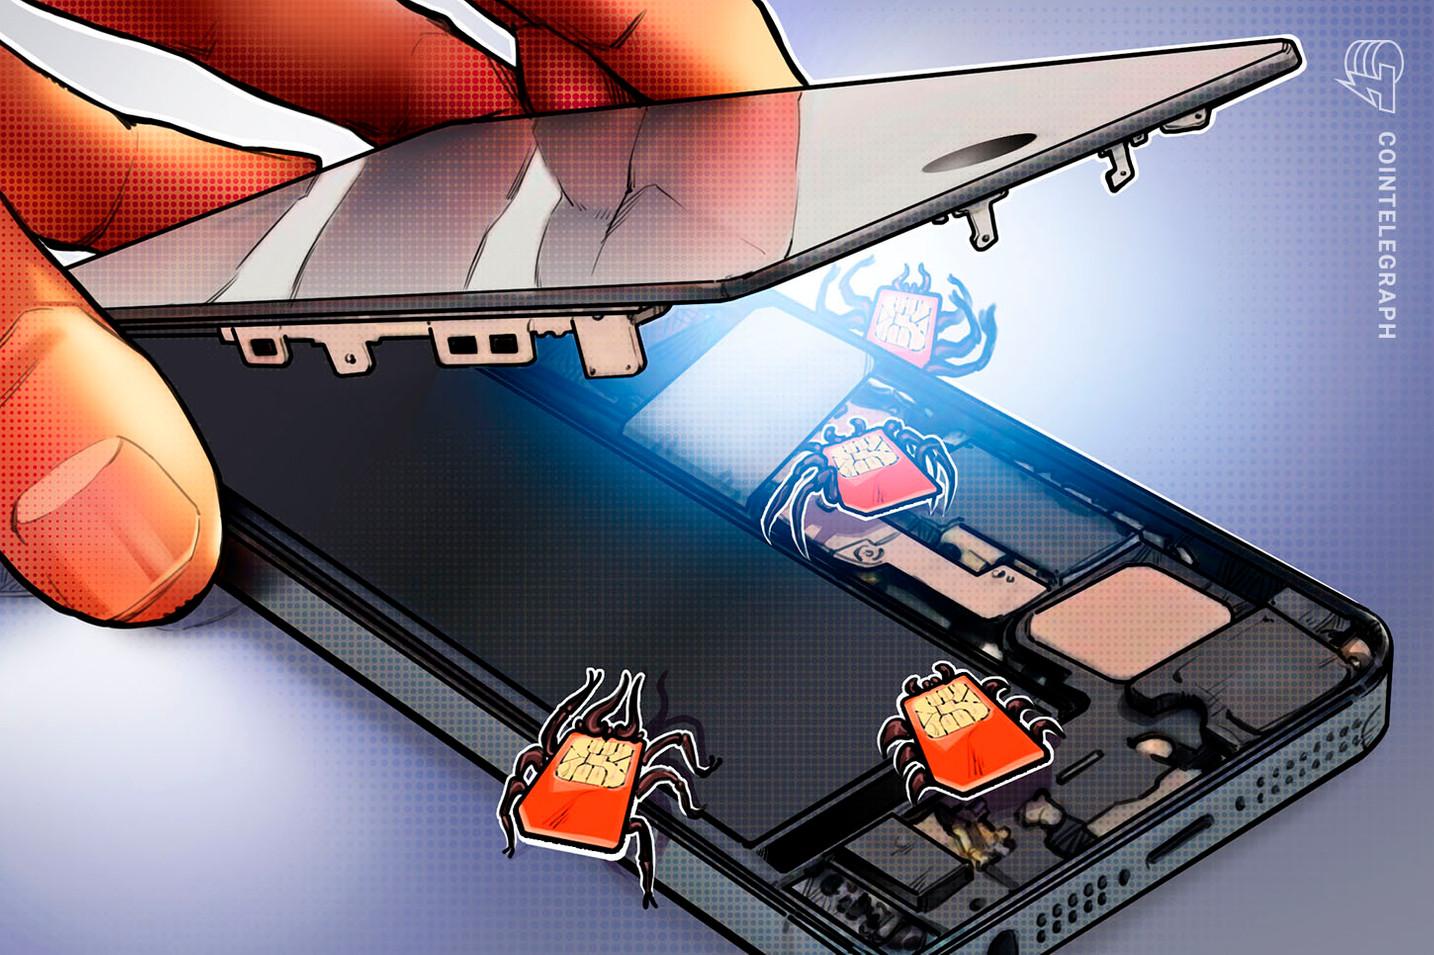 T-Mobile es demandado por víctima que perdió 450,000 dólares en Bitcoin por intercambio de tarjeta SIM